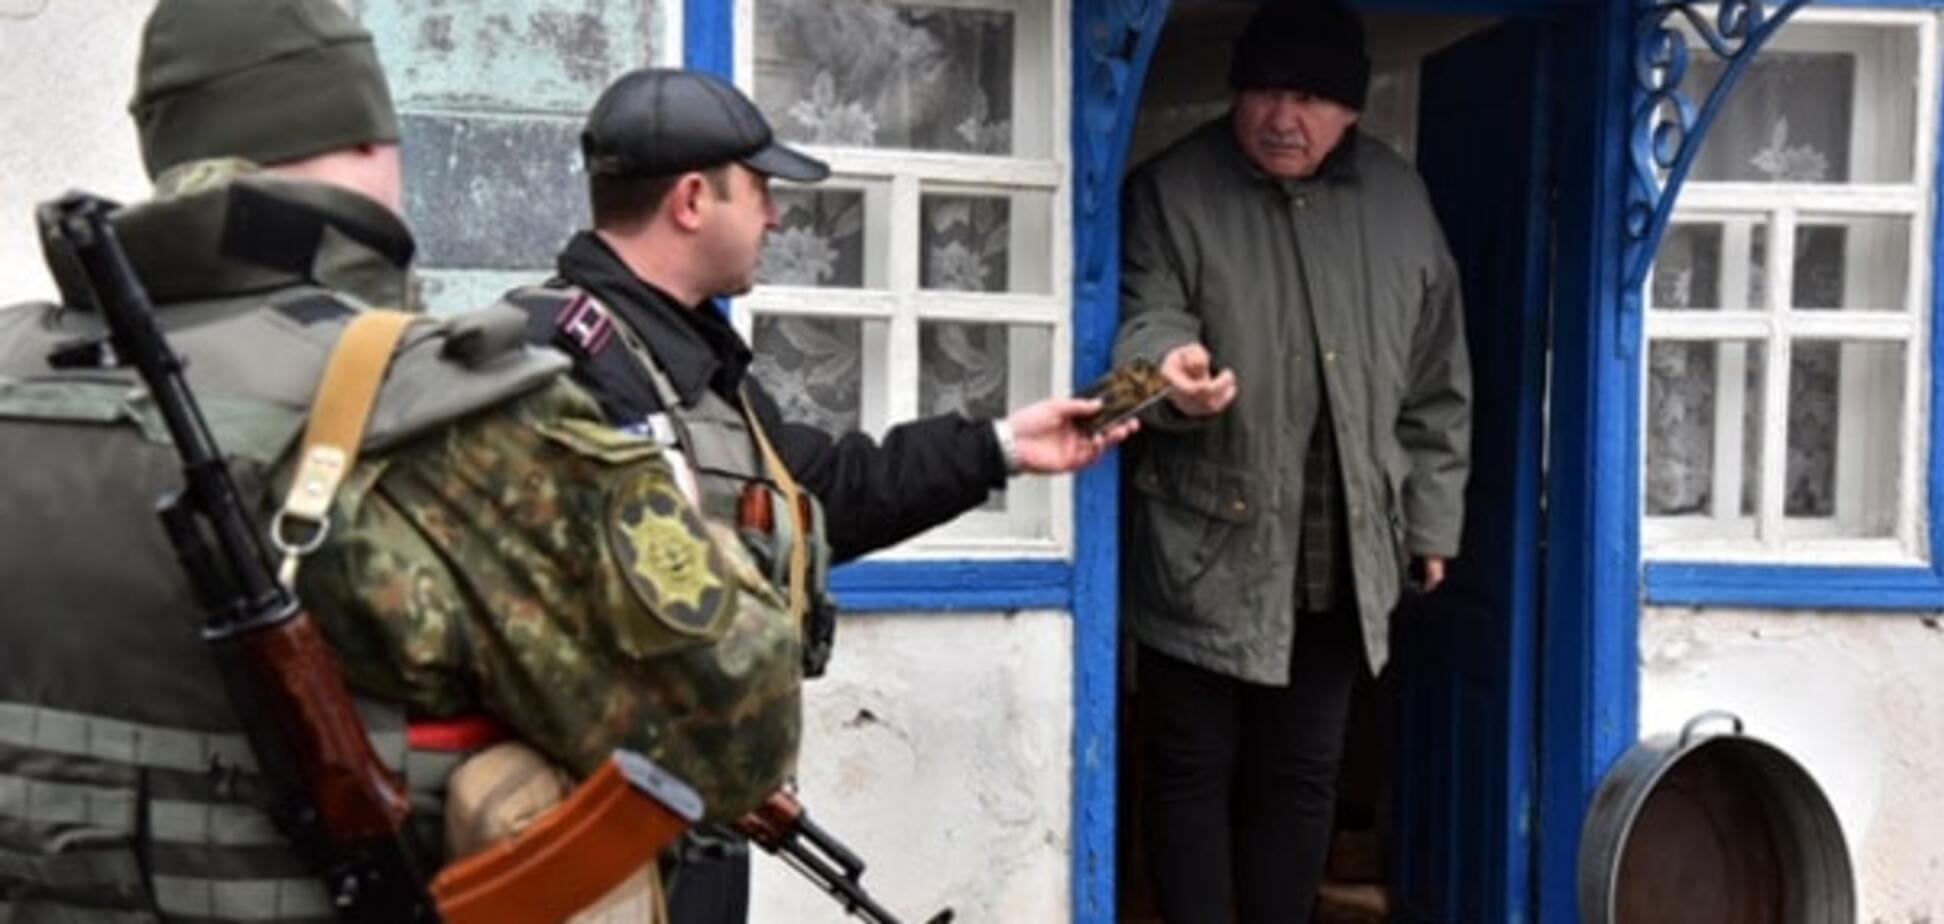 Откройте, полиция! Под Мариуполем провели антитеррористический рейд: опубликованы фото